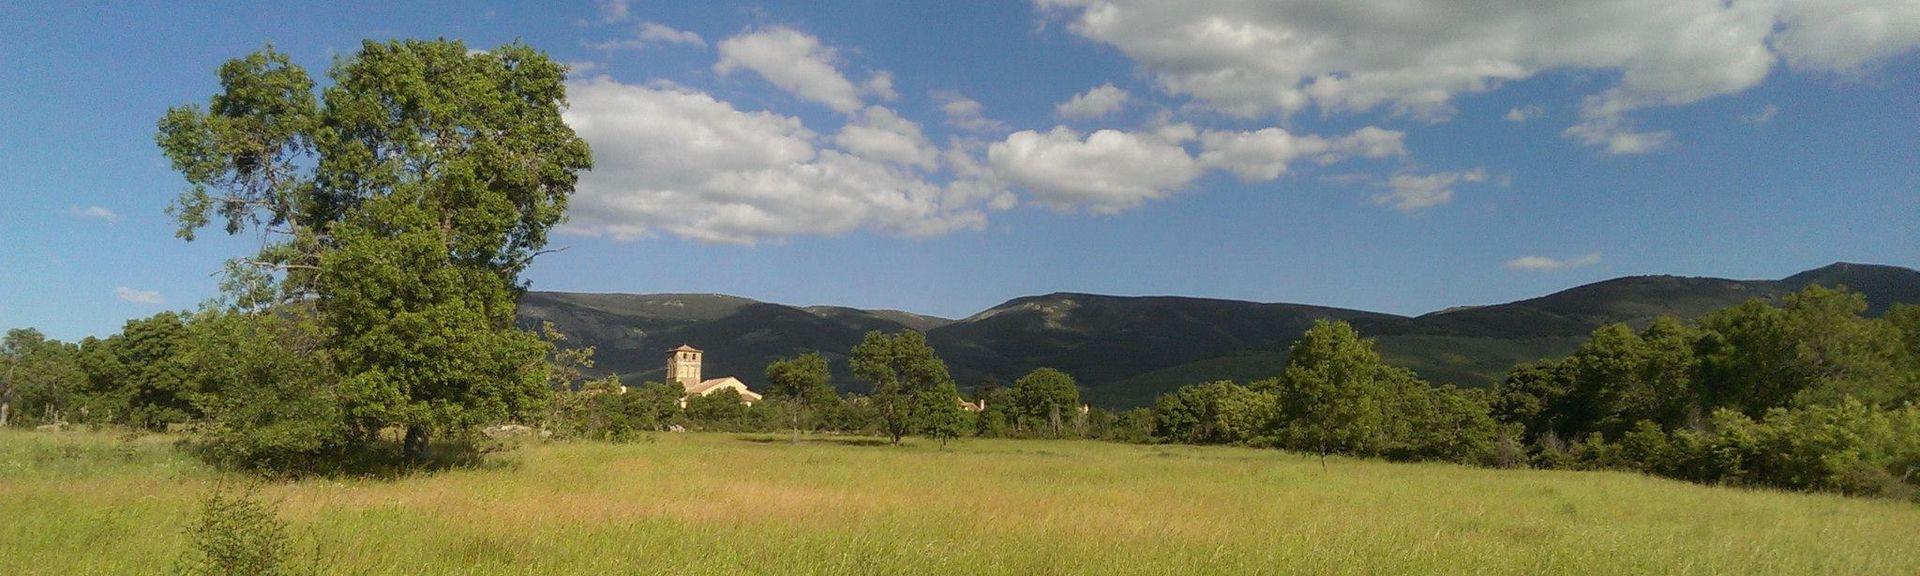 Alameda del Valle, Community of Madrid, Spain